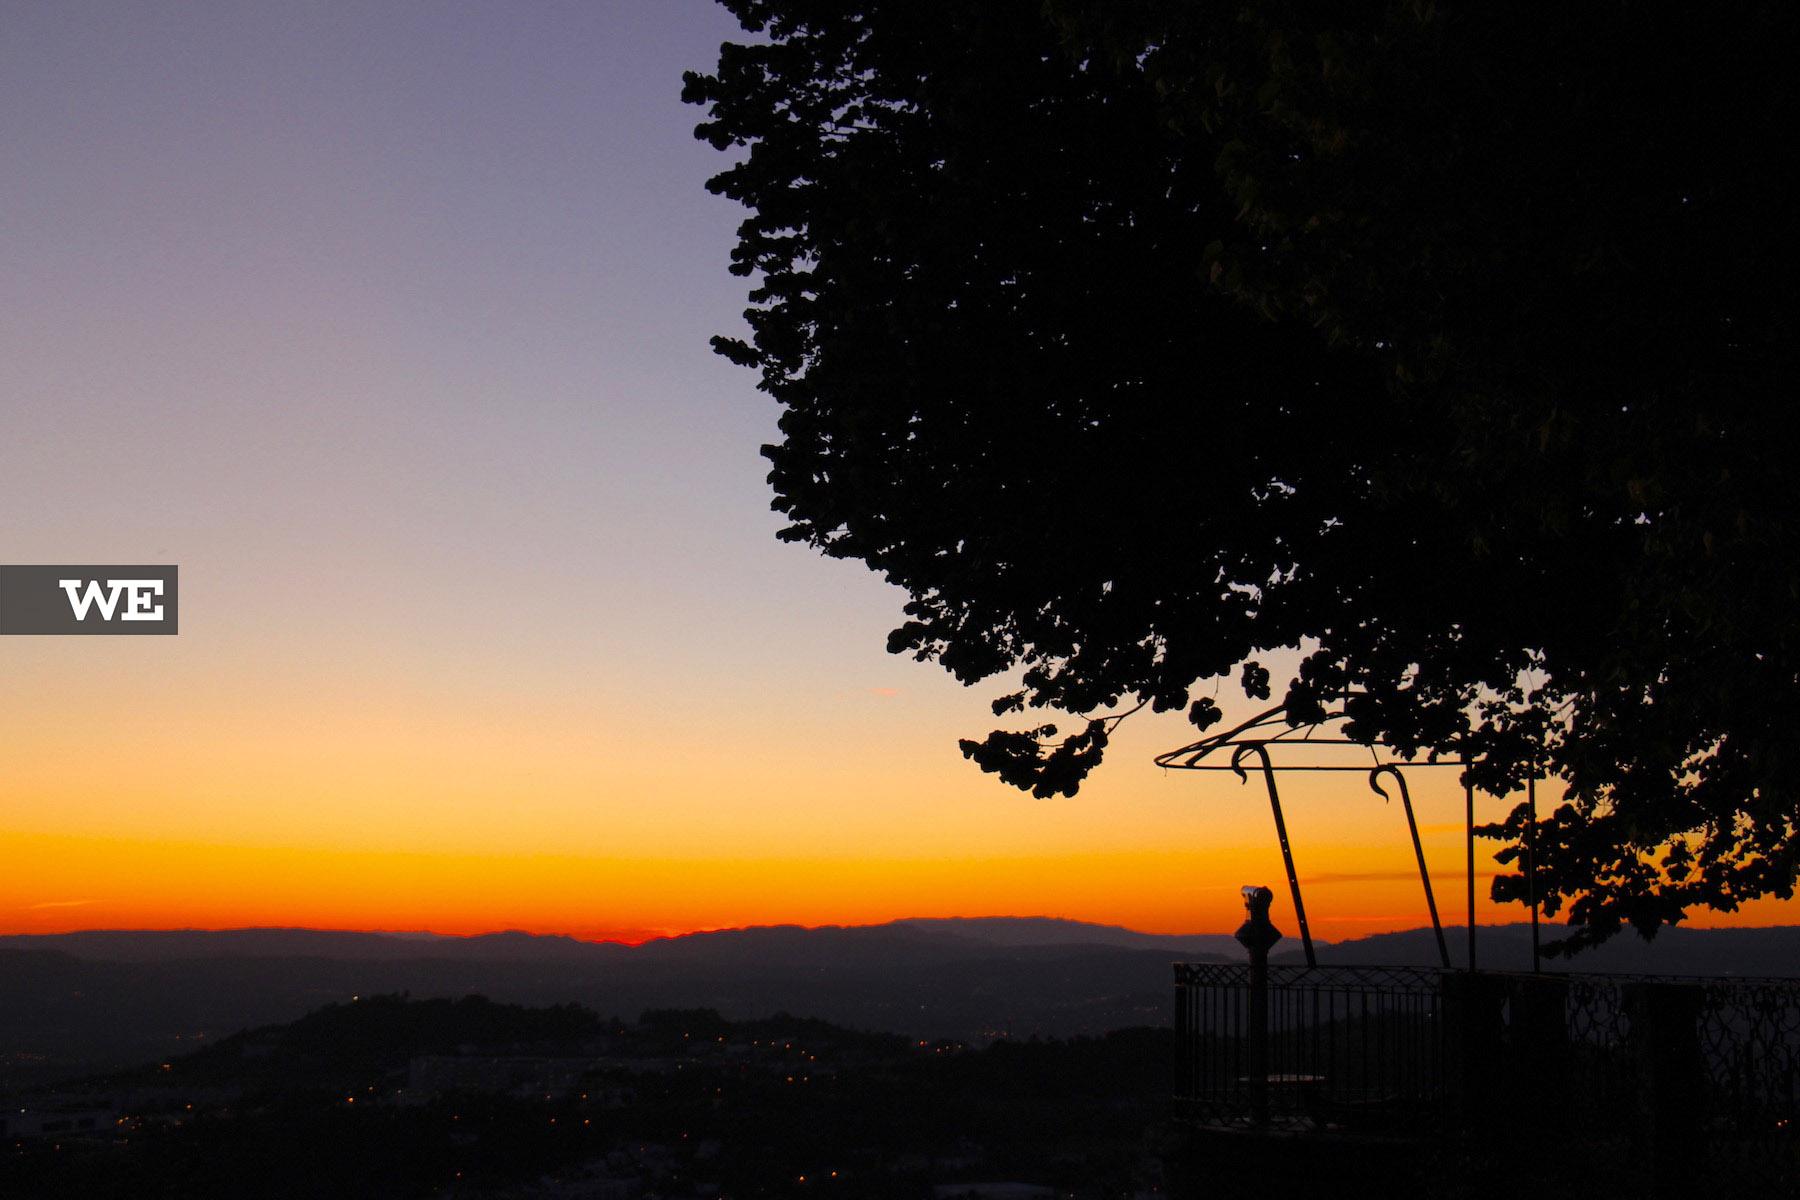 Ver Braga por um Canudo. Expressões típicas de Braga